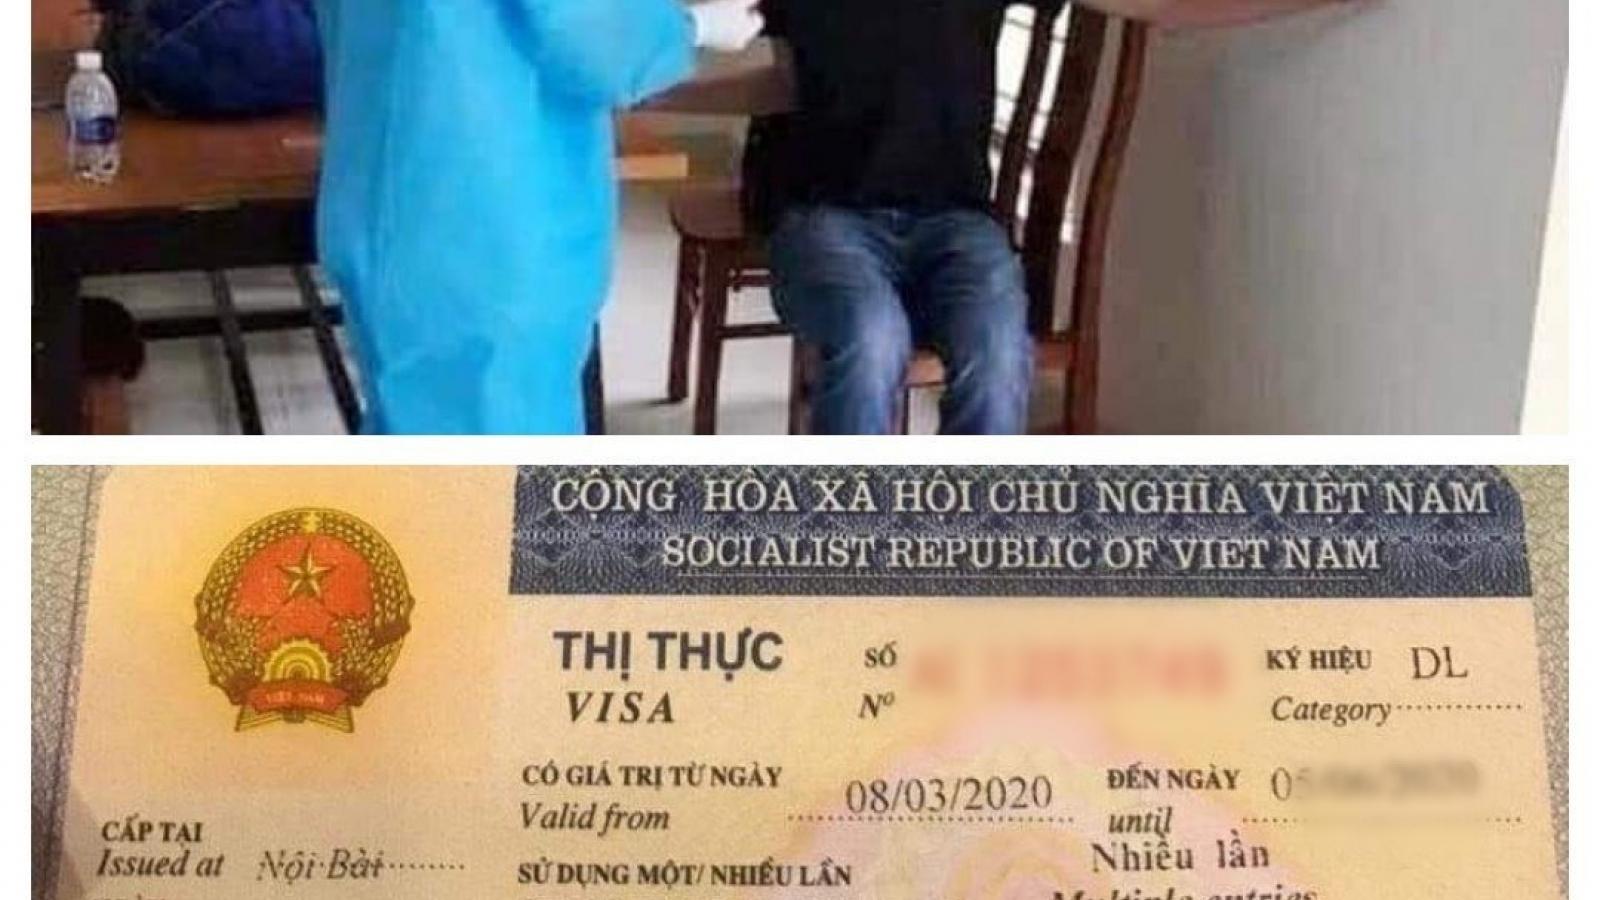 Một người Đức trốn cách ly ở Thanh Hóa được tìm thấy ở phố cổ Hà Nội